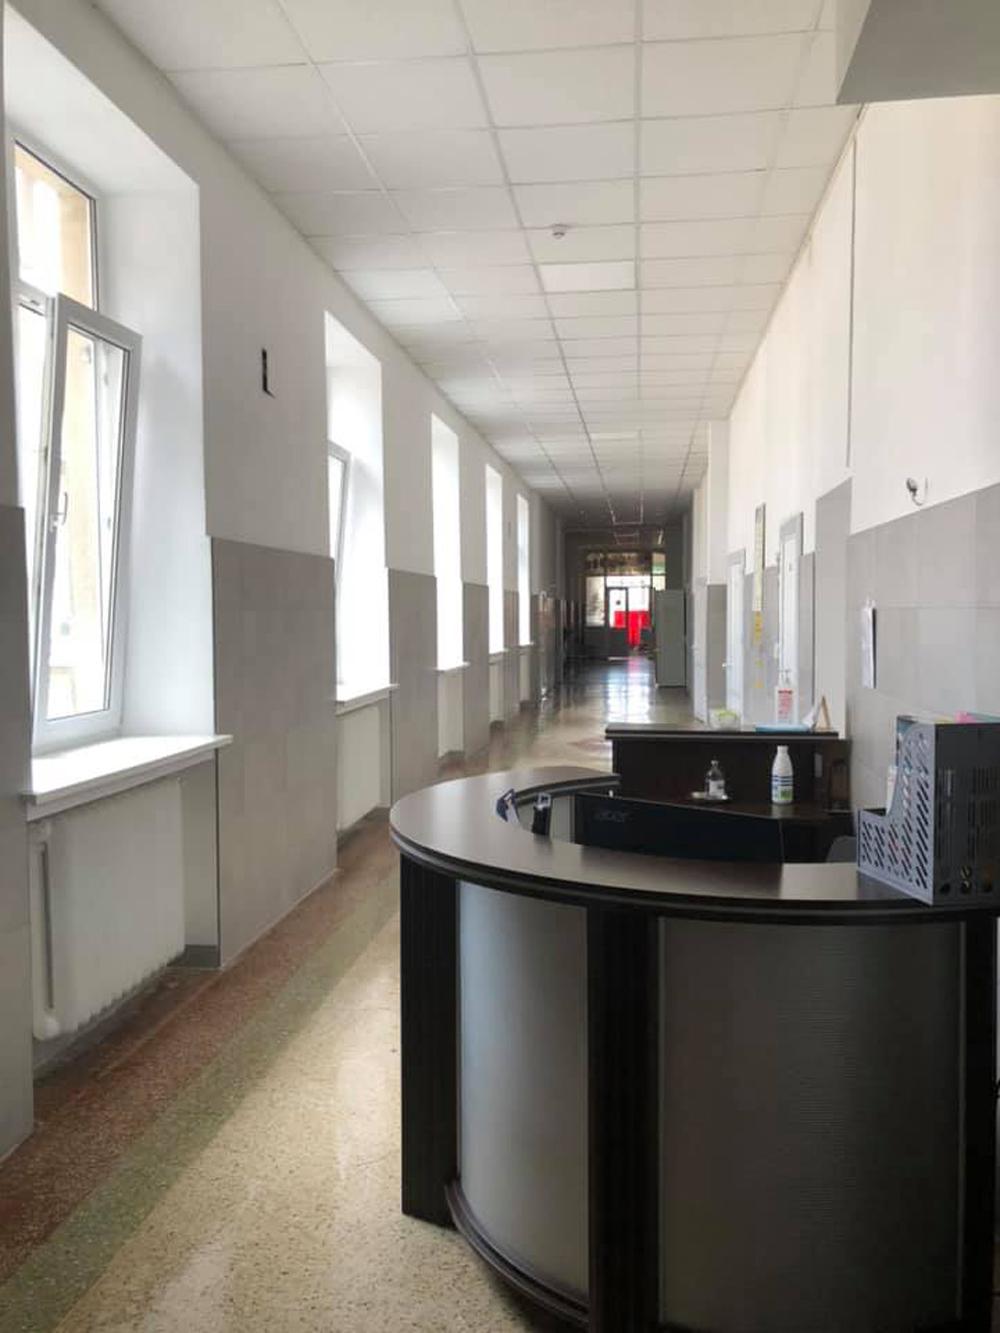 Урологічне відділення Львівської ОКЛ після ремонту. Сучасне фото